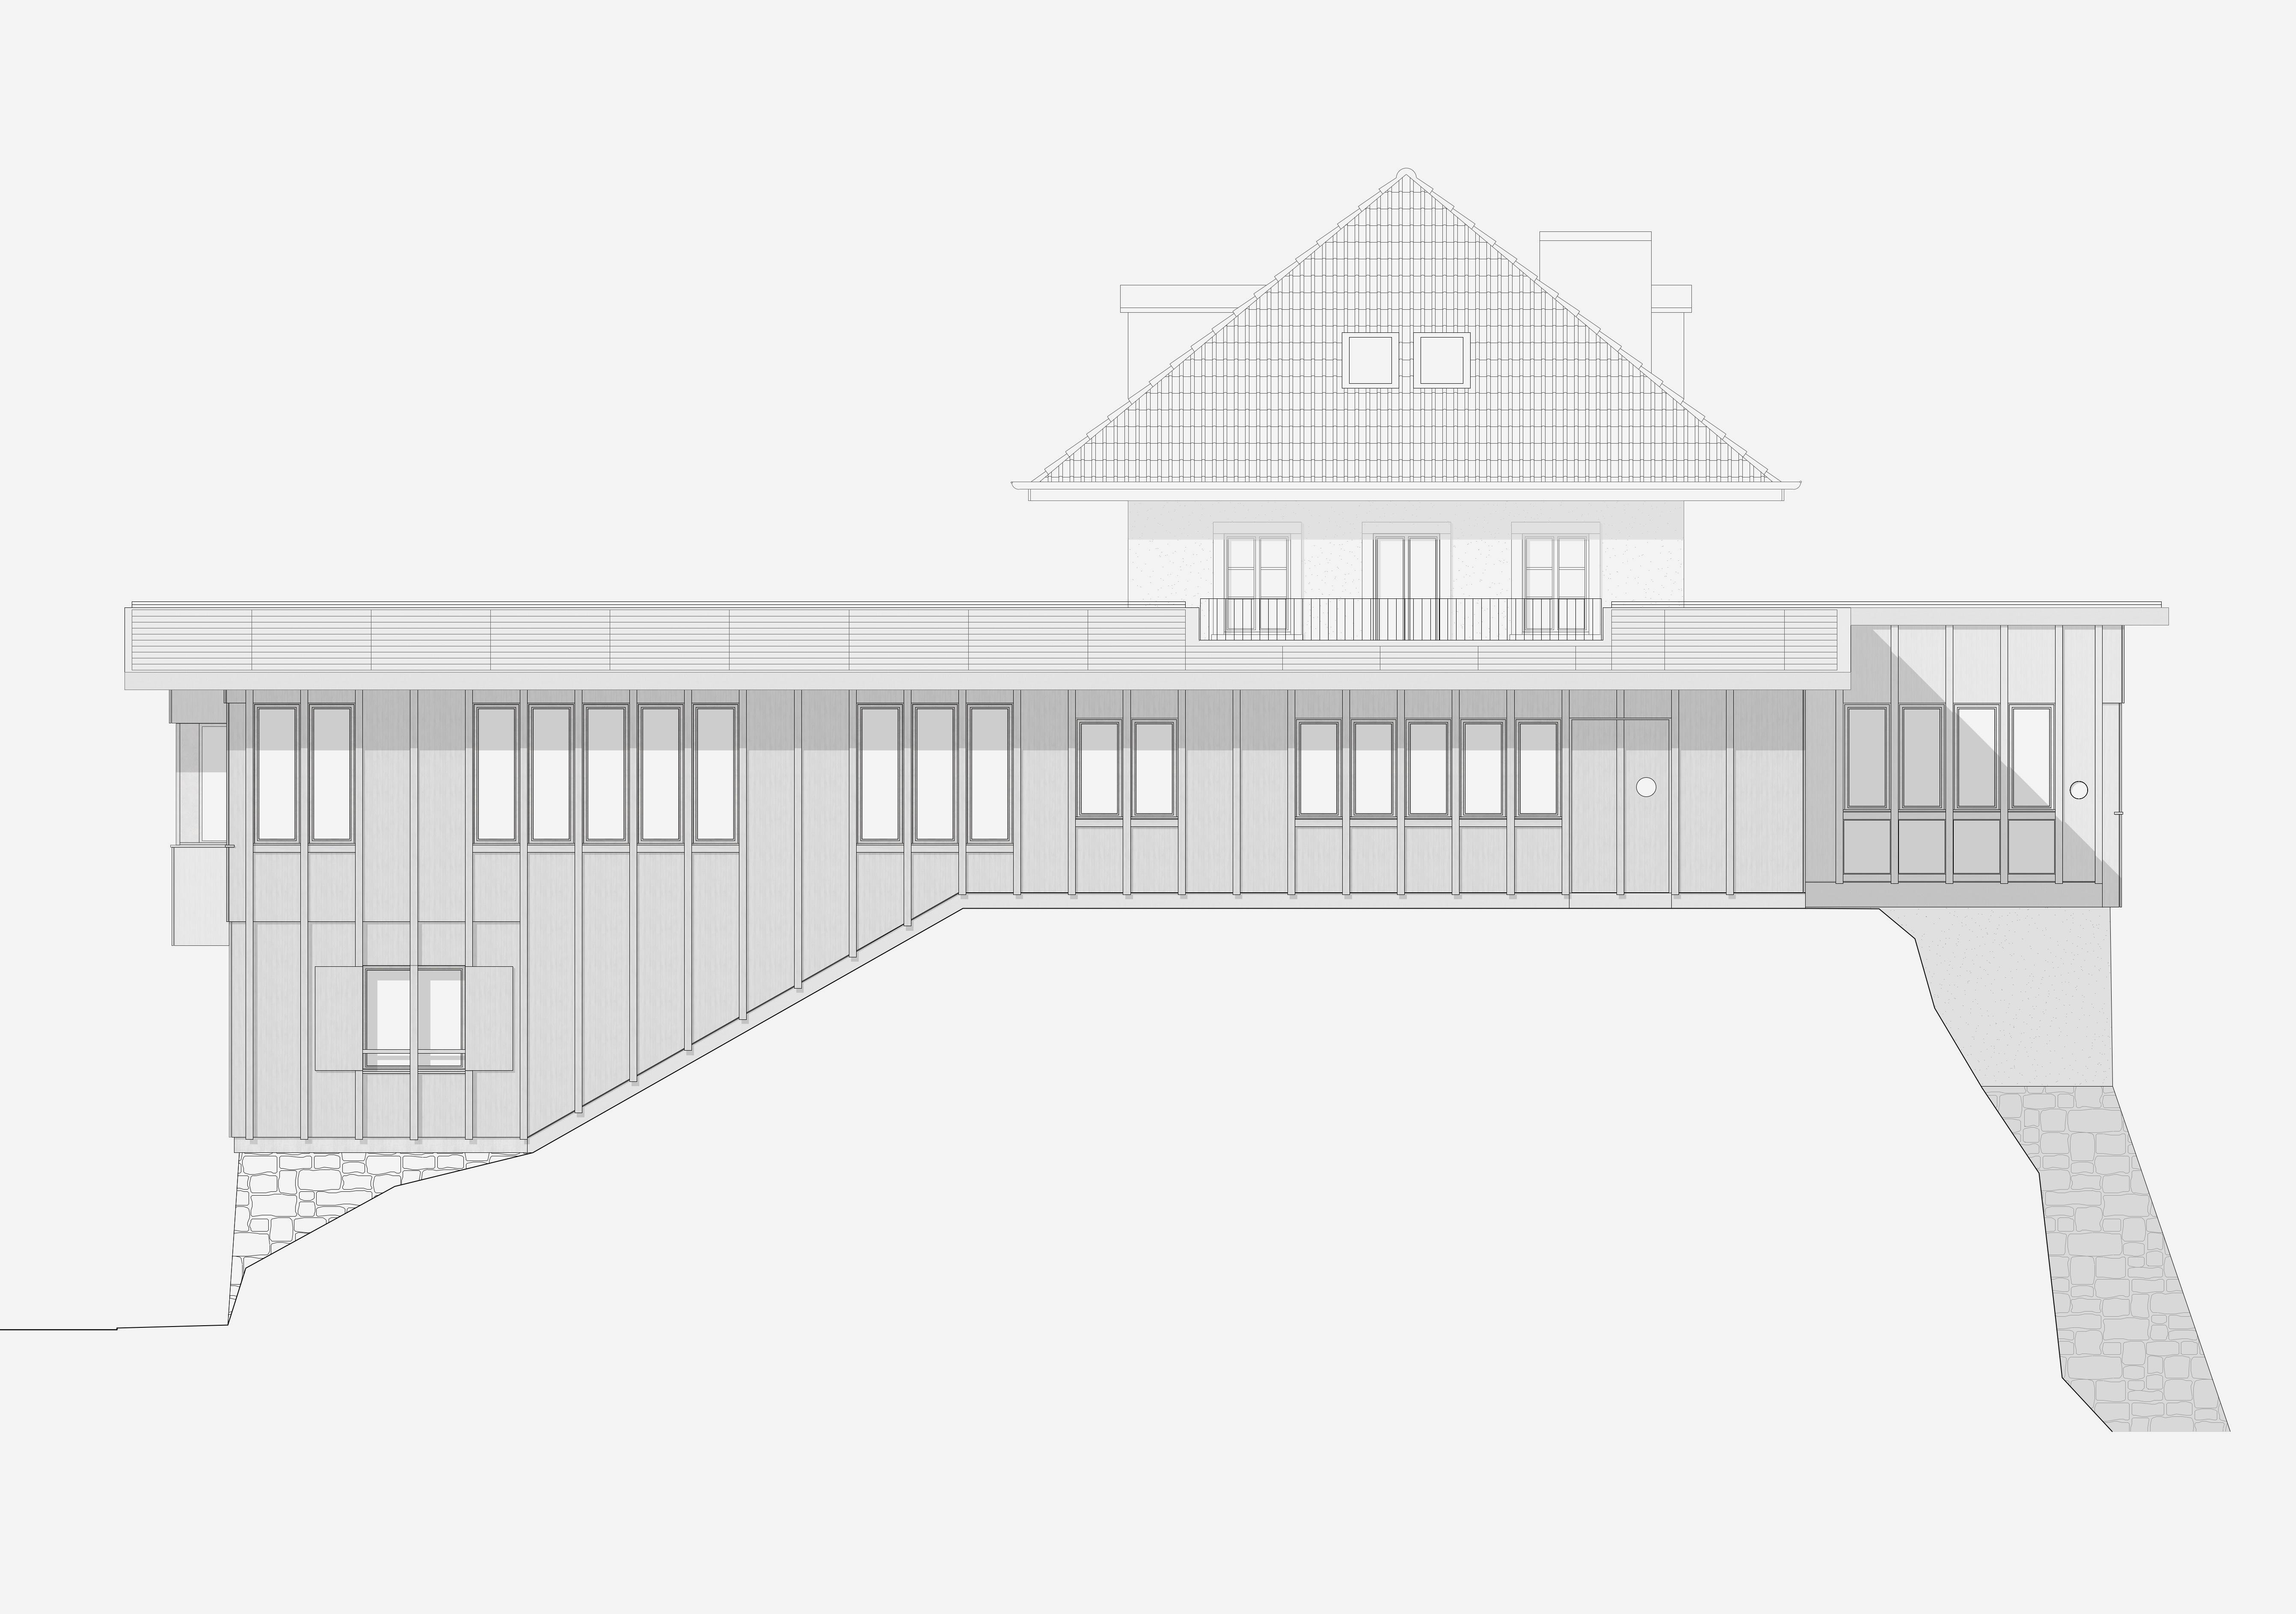 Sanierung Bergrestaurant Lägern Hochwacht: Ostfassade